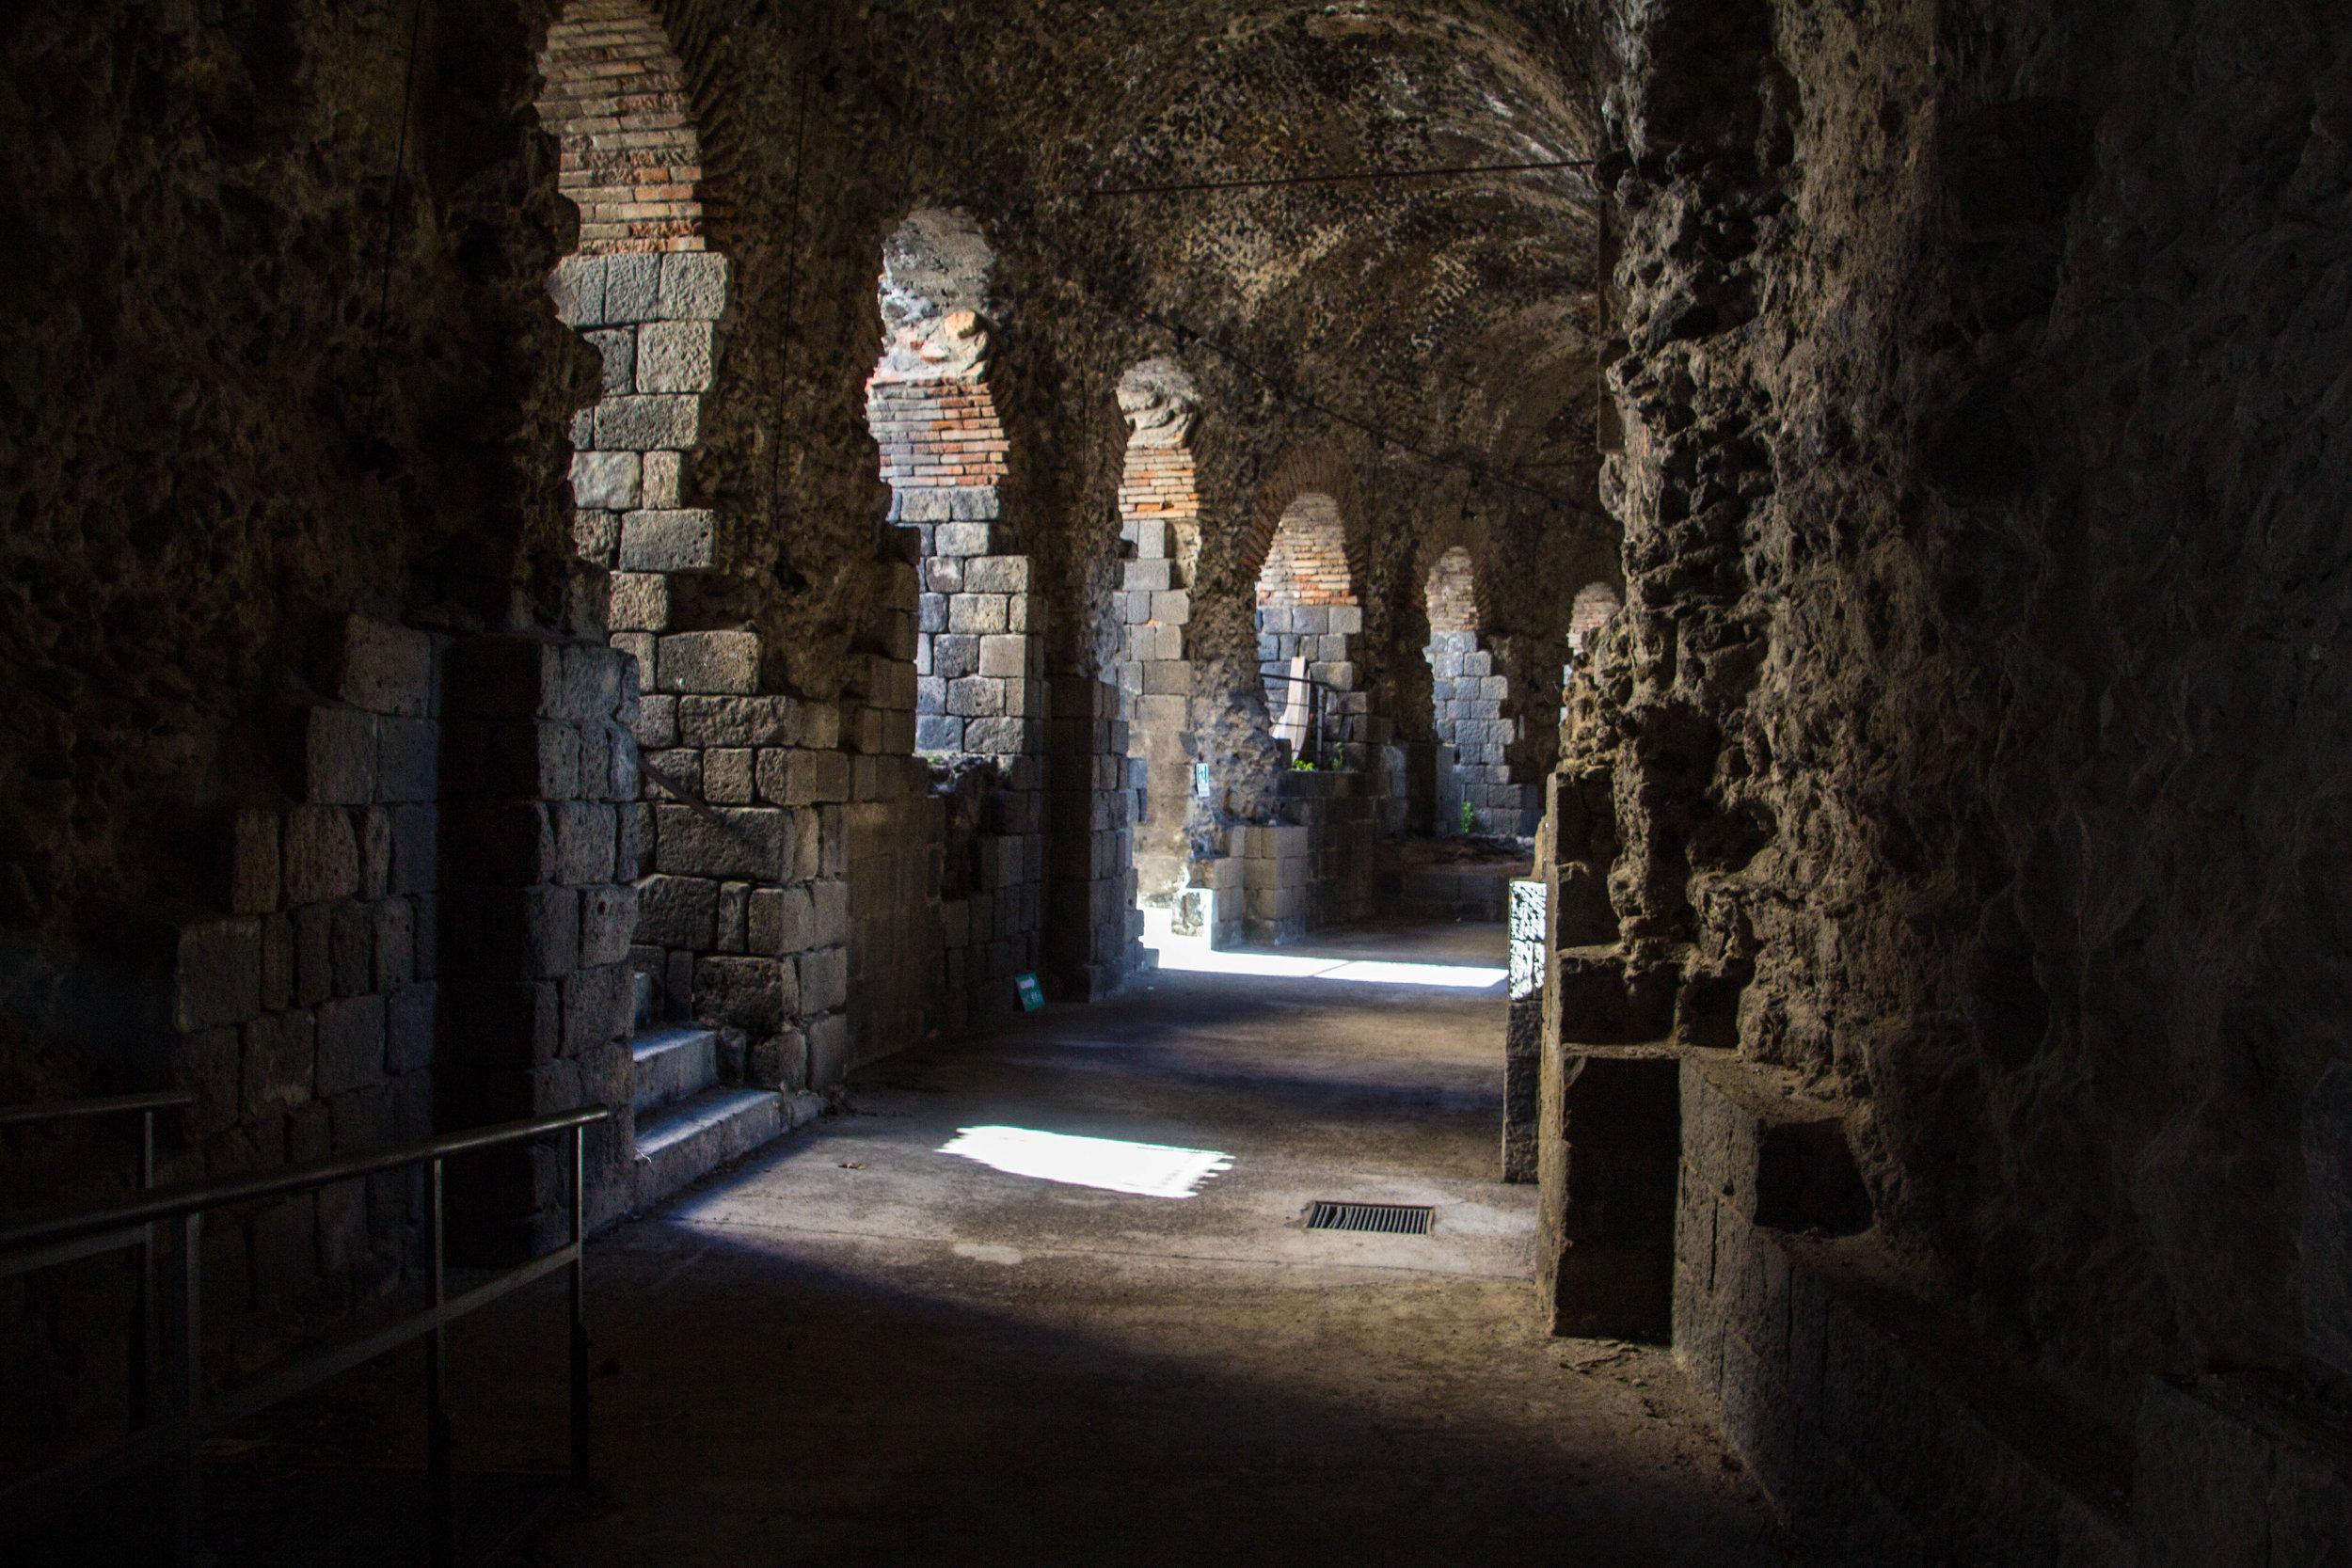 greco-roman-theater-ruins-catania-sicily-7.jpg